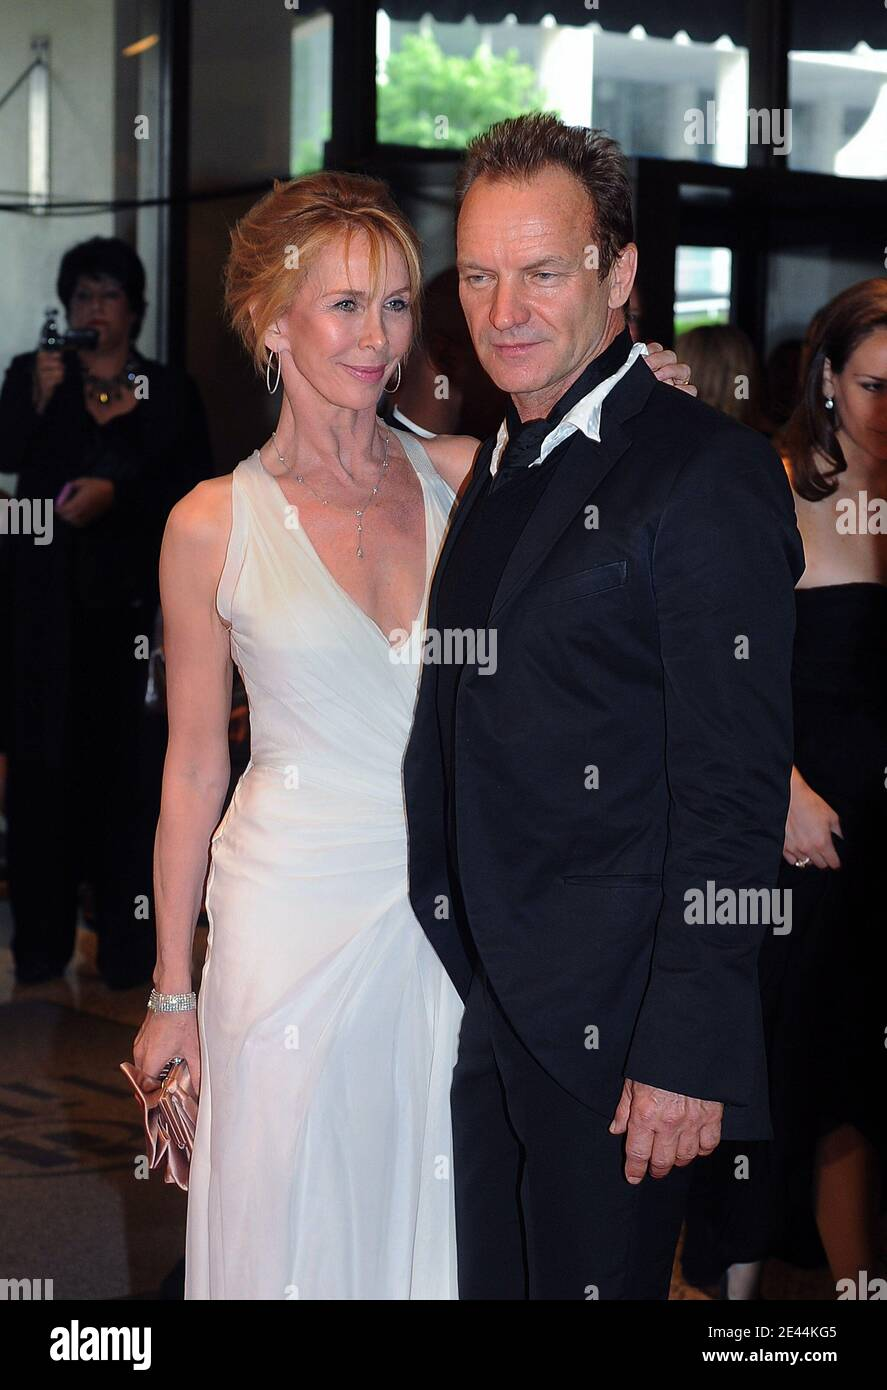 Il cantante Sting e sua moglie Trudie Styler partecipano alla cena White House Corinterpellati il 9 maggio 2009 all'Hilton Hotel di Washington, DC. STATI UNITI. Foto di Olivier Douliery/ABACAPRESS.COM Foto Stock